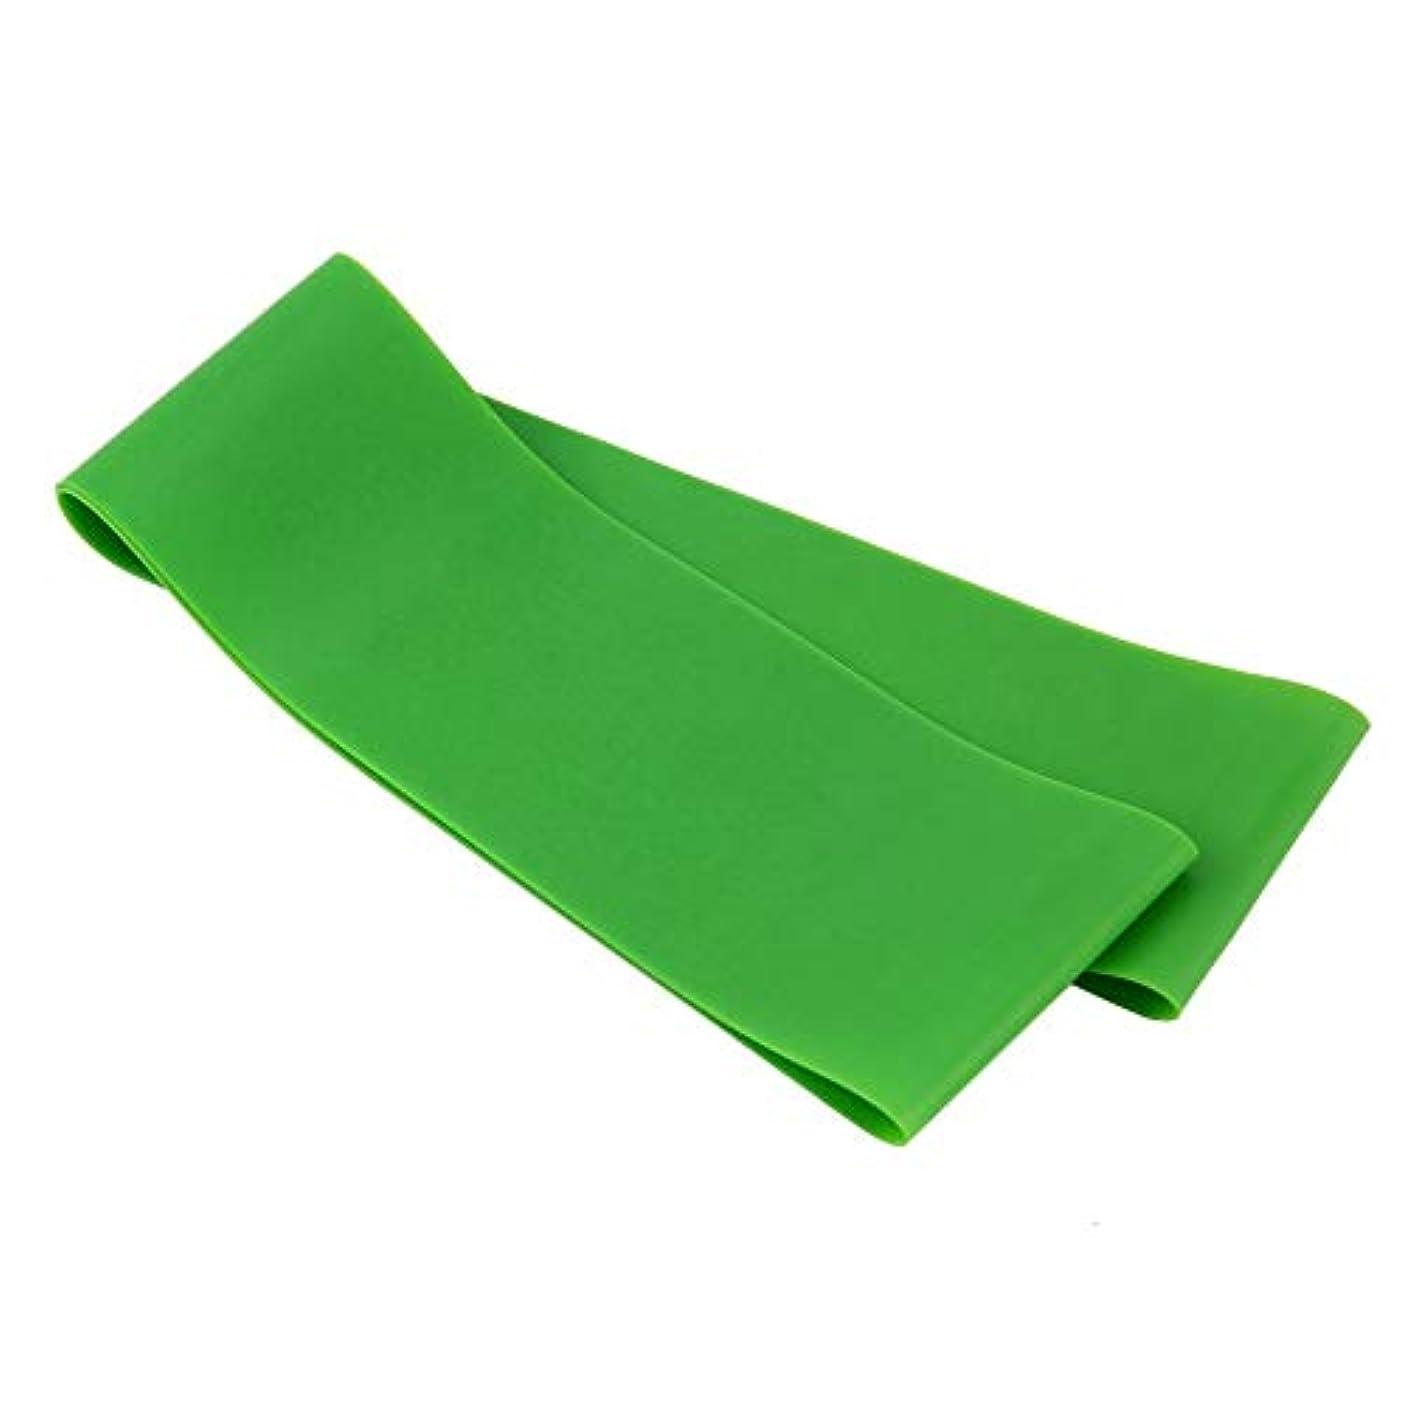 隣人状態リビジョン滑り止め伸縮性ゴム弾性ヨガベルトバンドプルロープ張力抵抗バンドループ強度のためのフィットネスヨガツール - グリーン